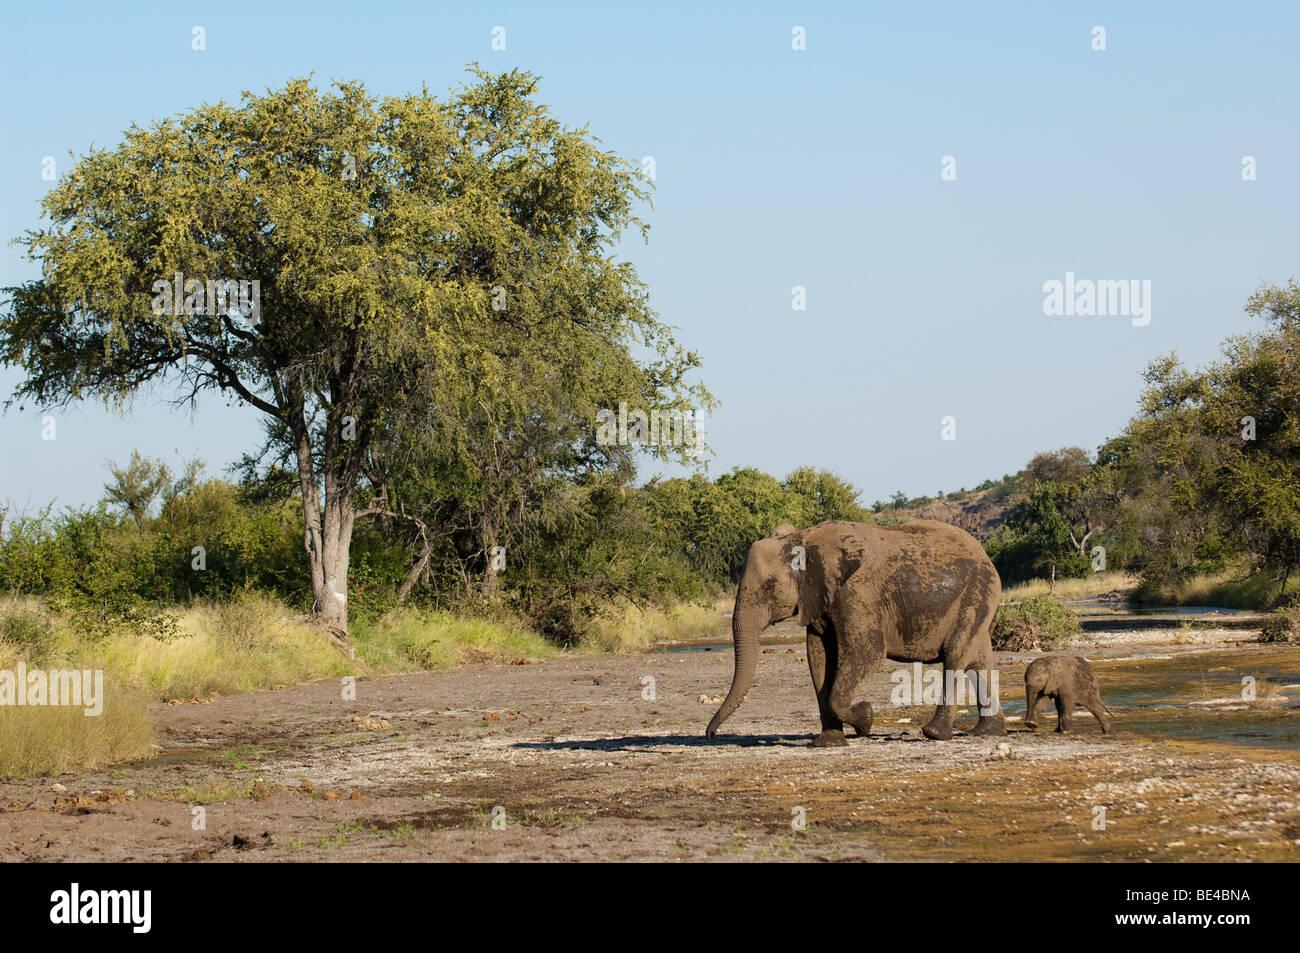 African elephant ( Loxodonta africana africana), Tuli Block, Botswana - Stock Image